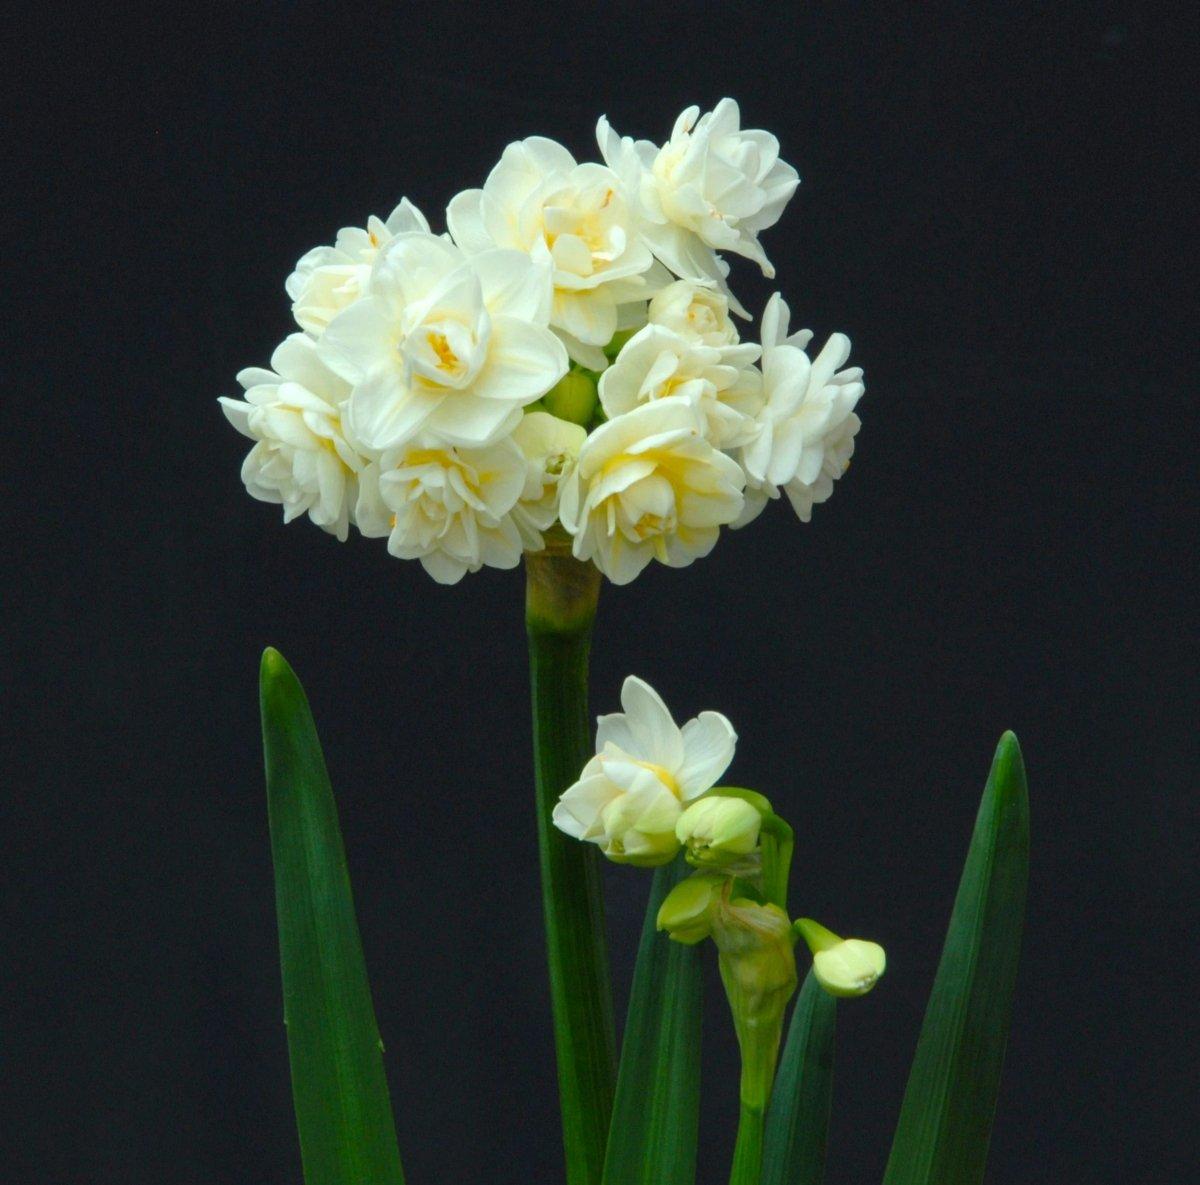 Narcissus-Erlicheer-2